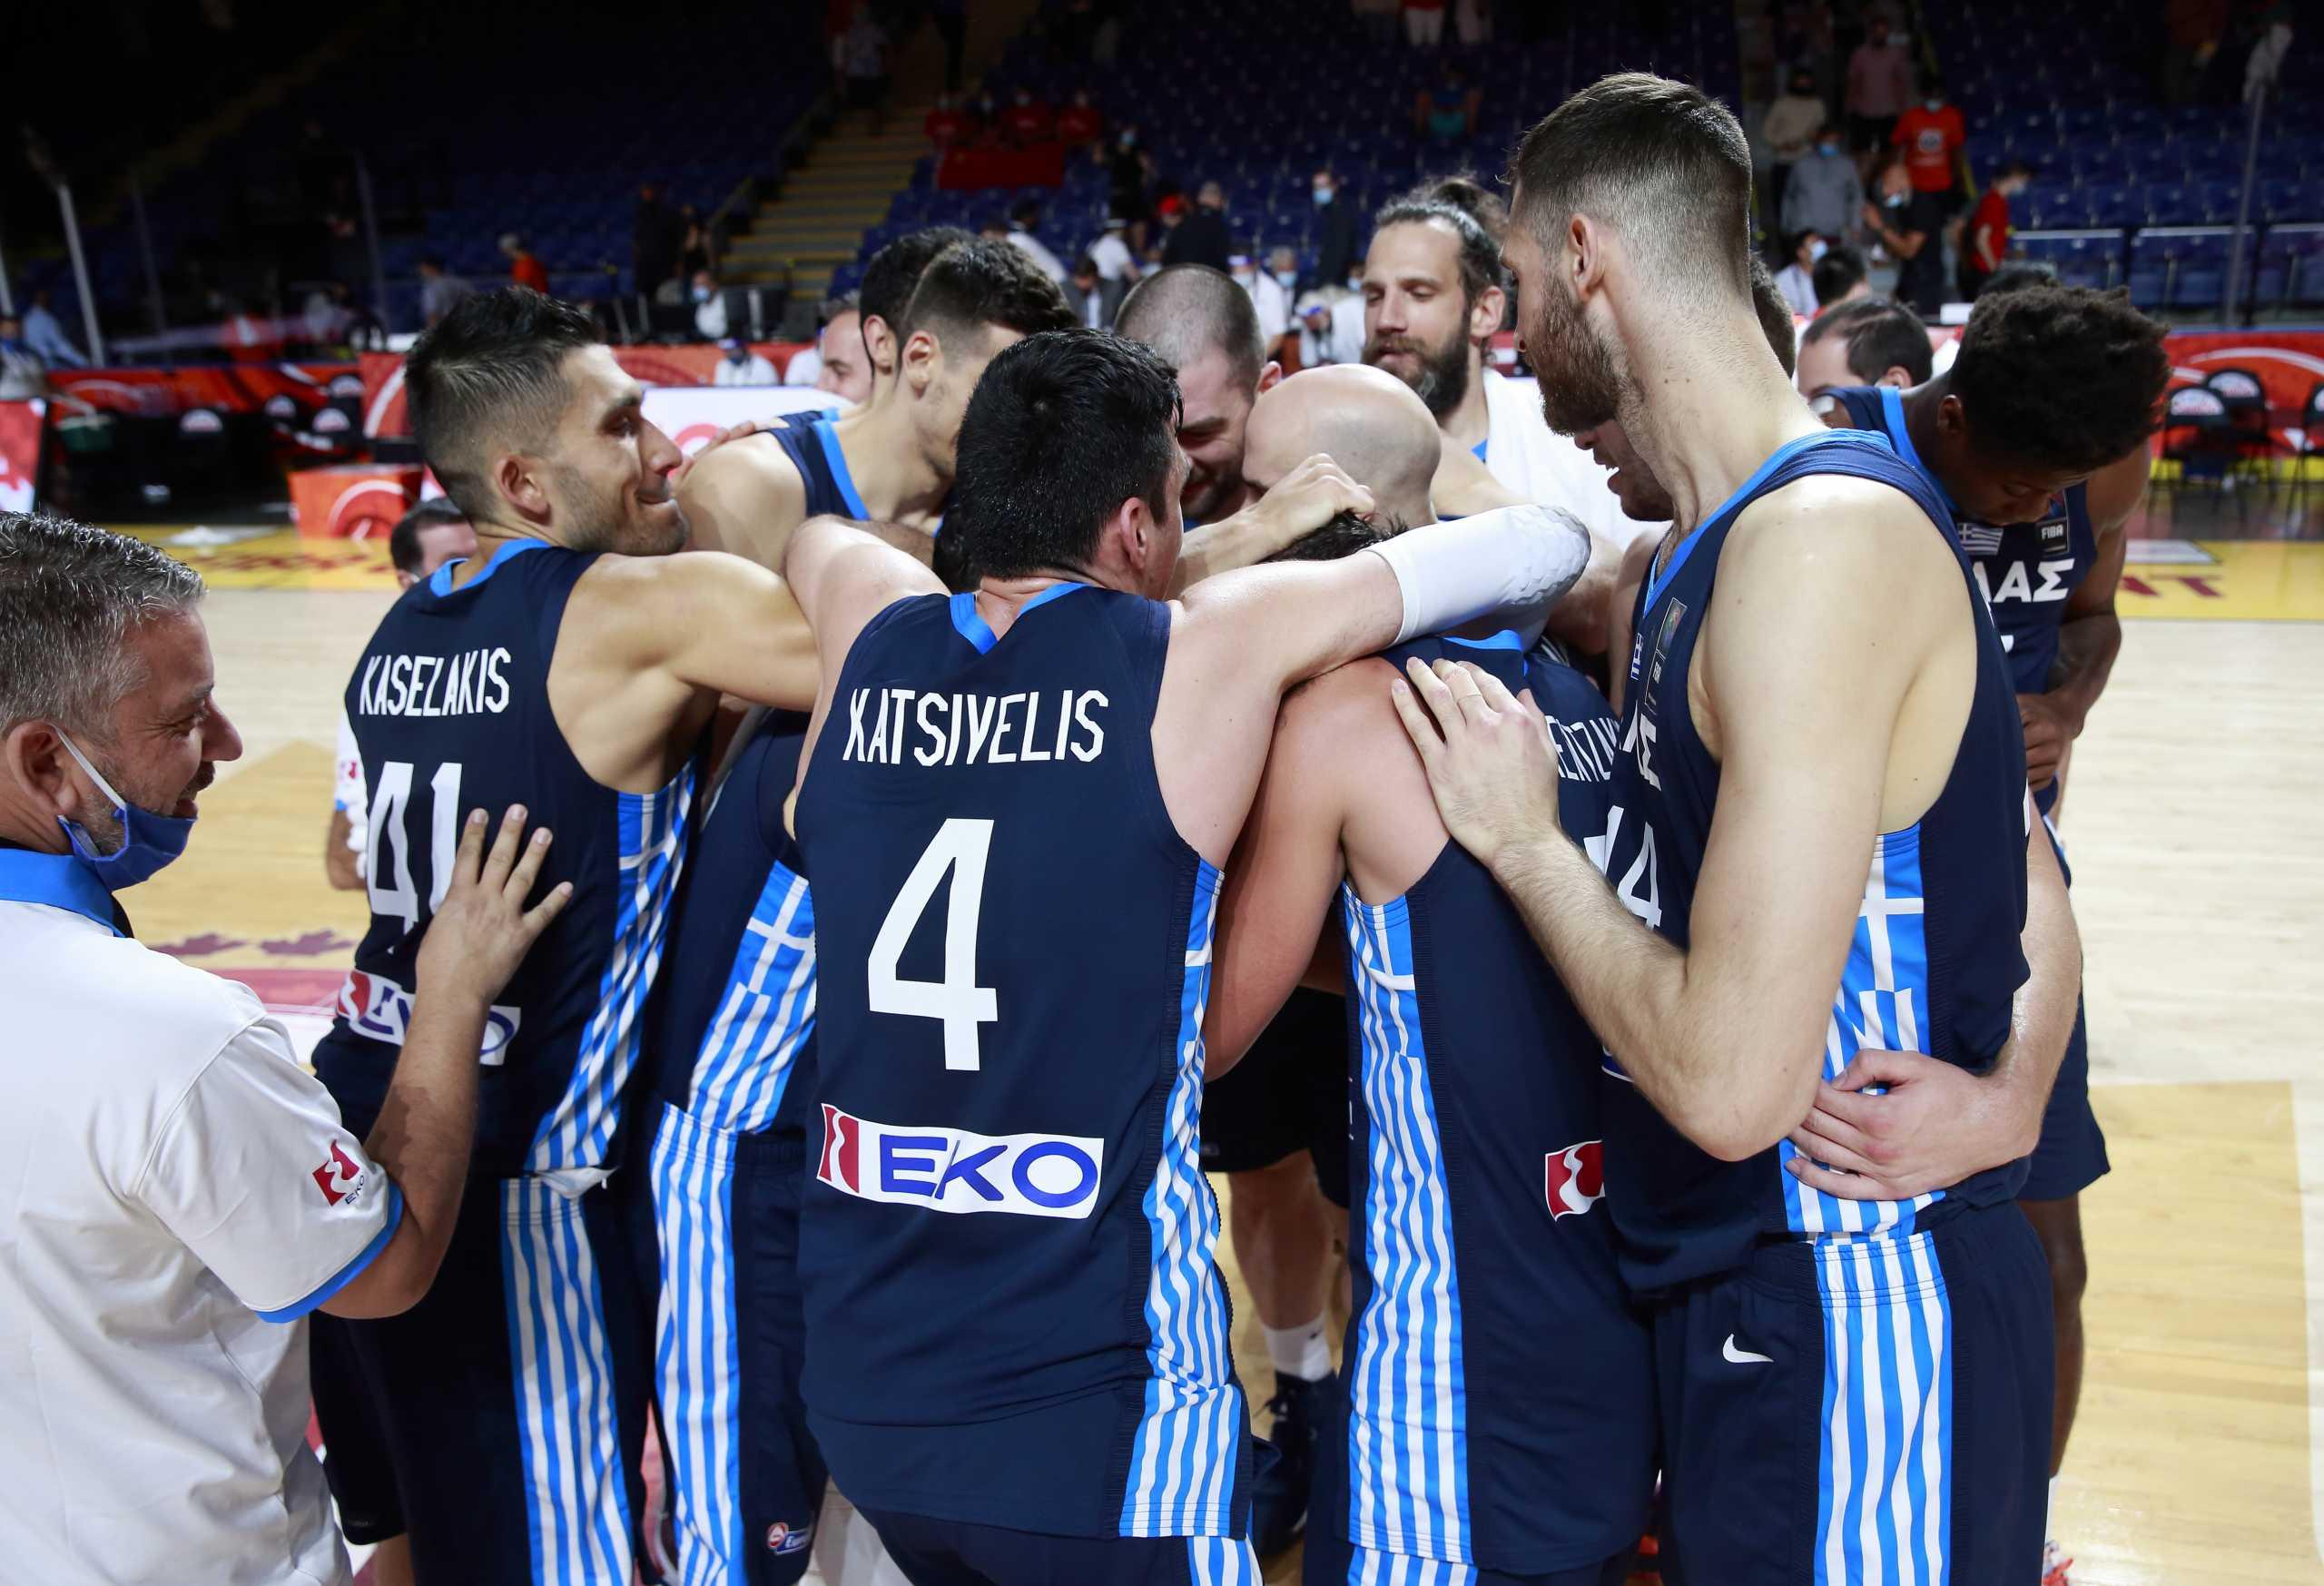 Προολυμπιακό, Ελλάδα – Τουρκία 81-63: «Ψυχωμένη» Εθνική έκανε σούπερ ανατροπή και προκρίθηκε στον τελικό